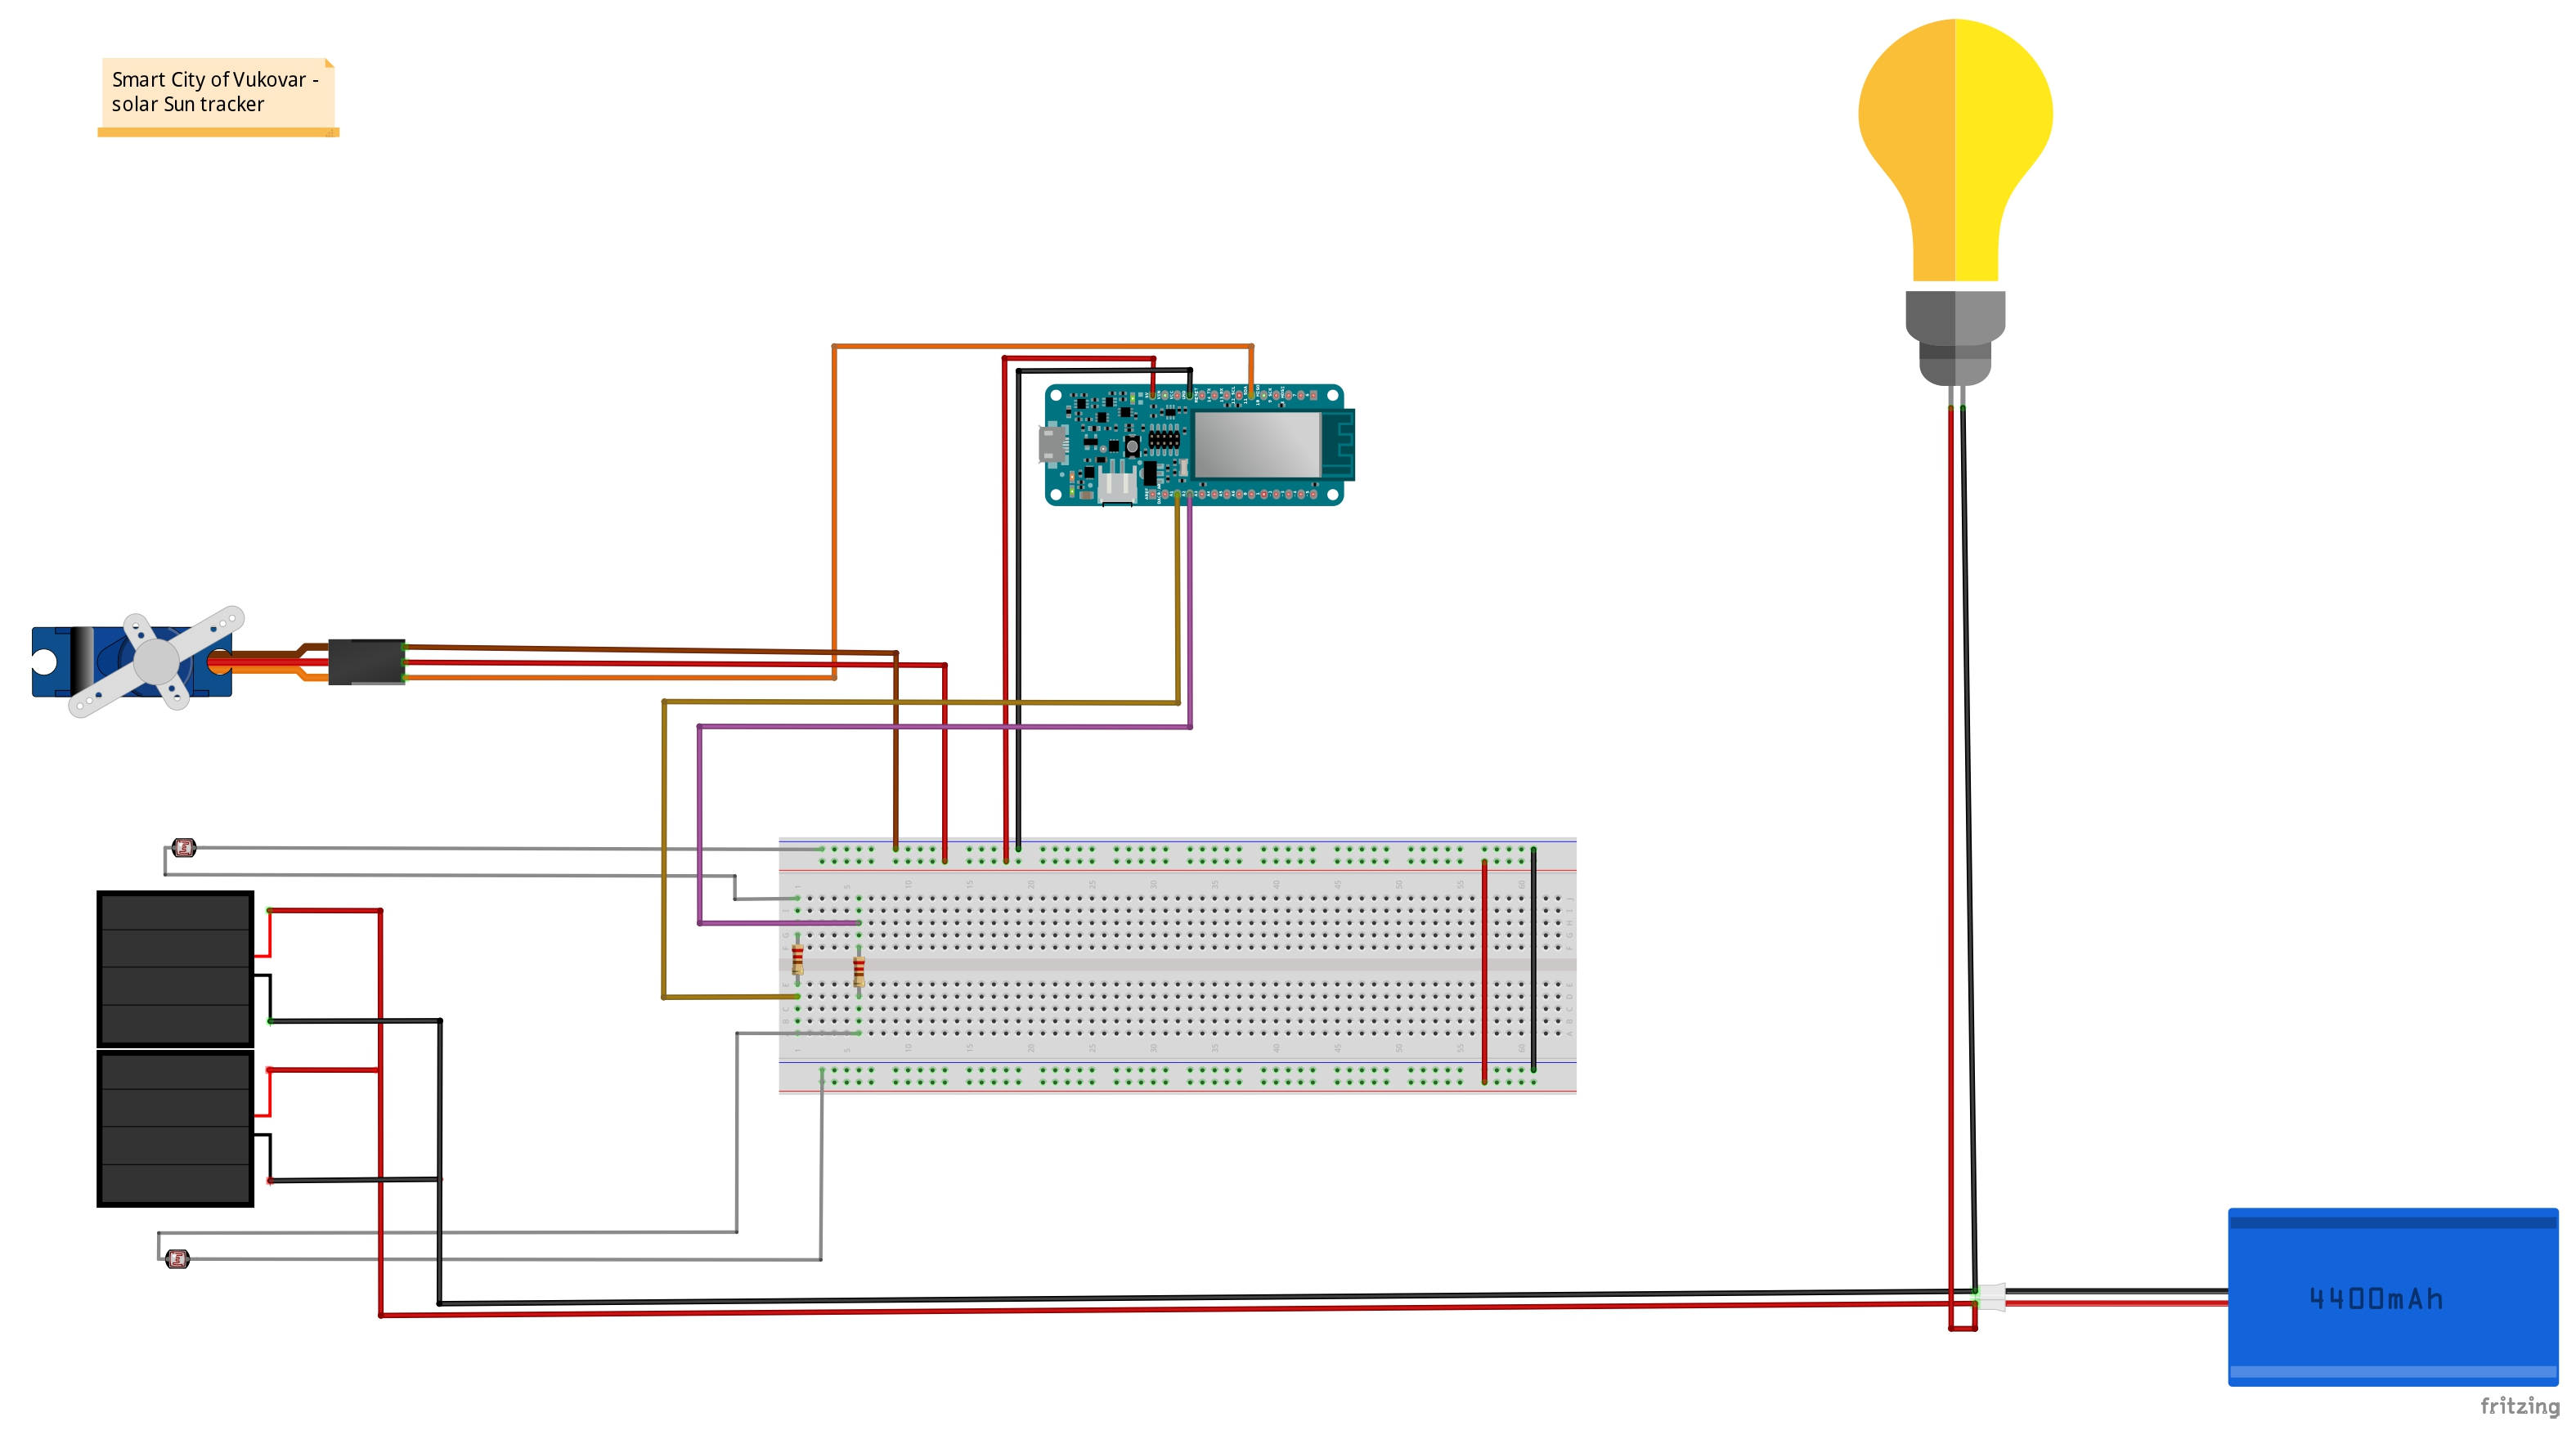 Solar sun tracker schematic page 0001 (1) kglqu74wpi